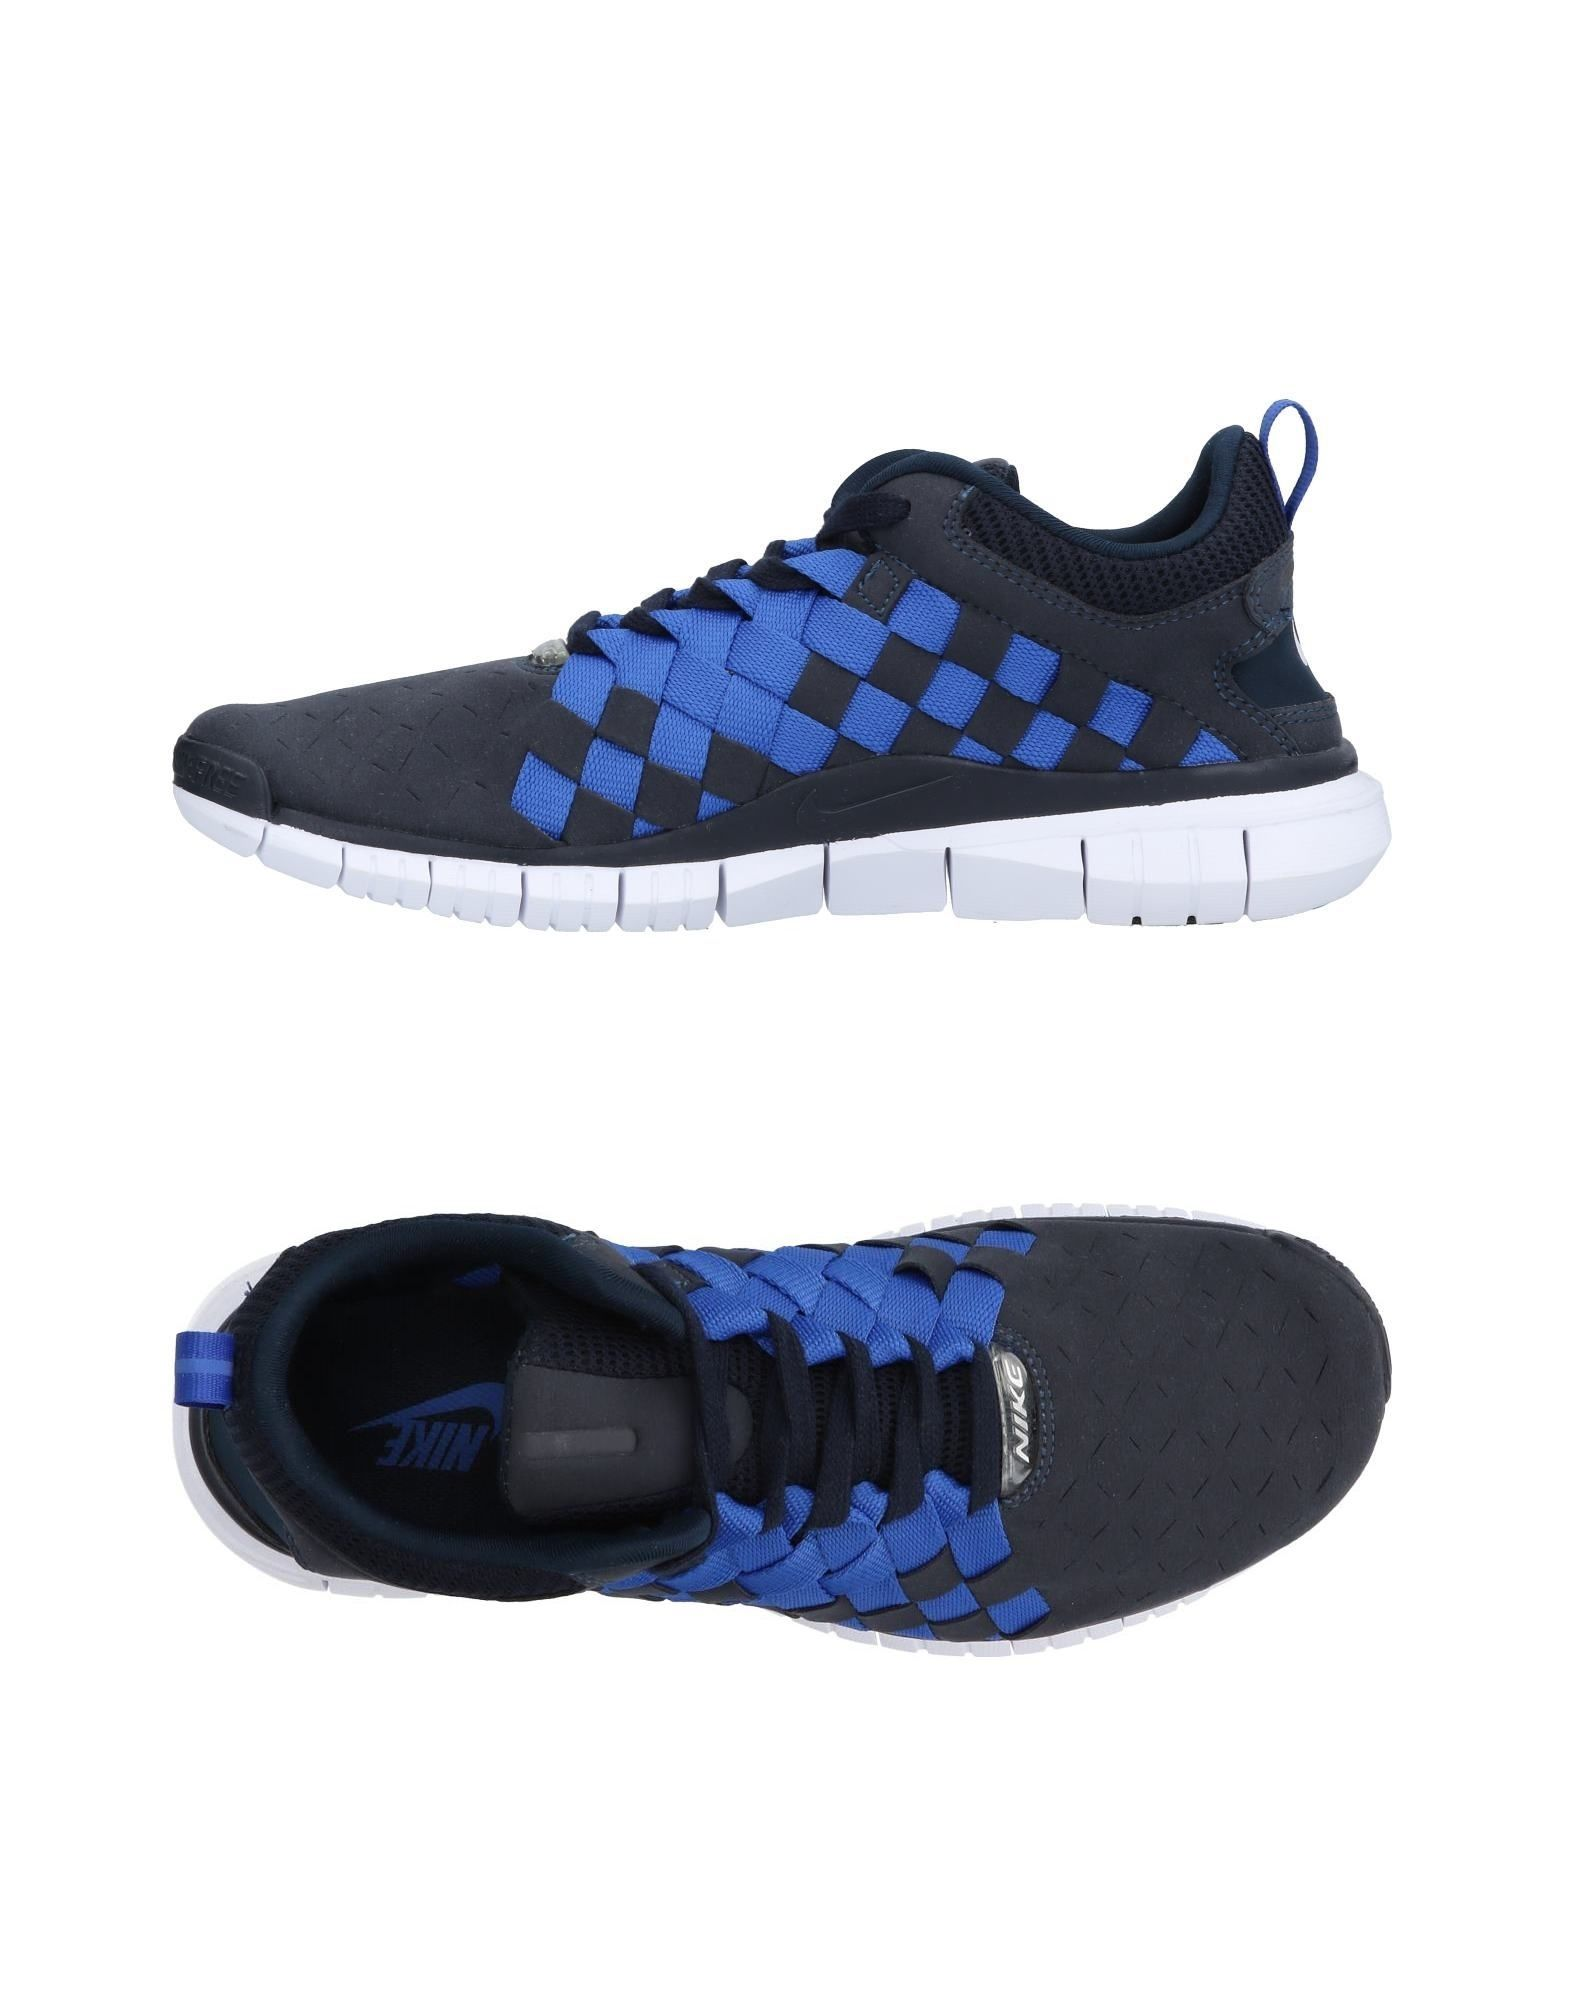 Sneakers Nike Homme - Sneakers Nike  Bleu foncé Meilleur modèle de vente